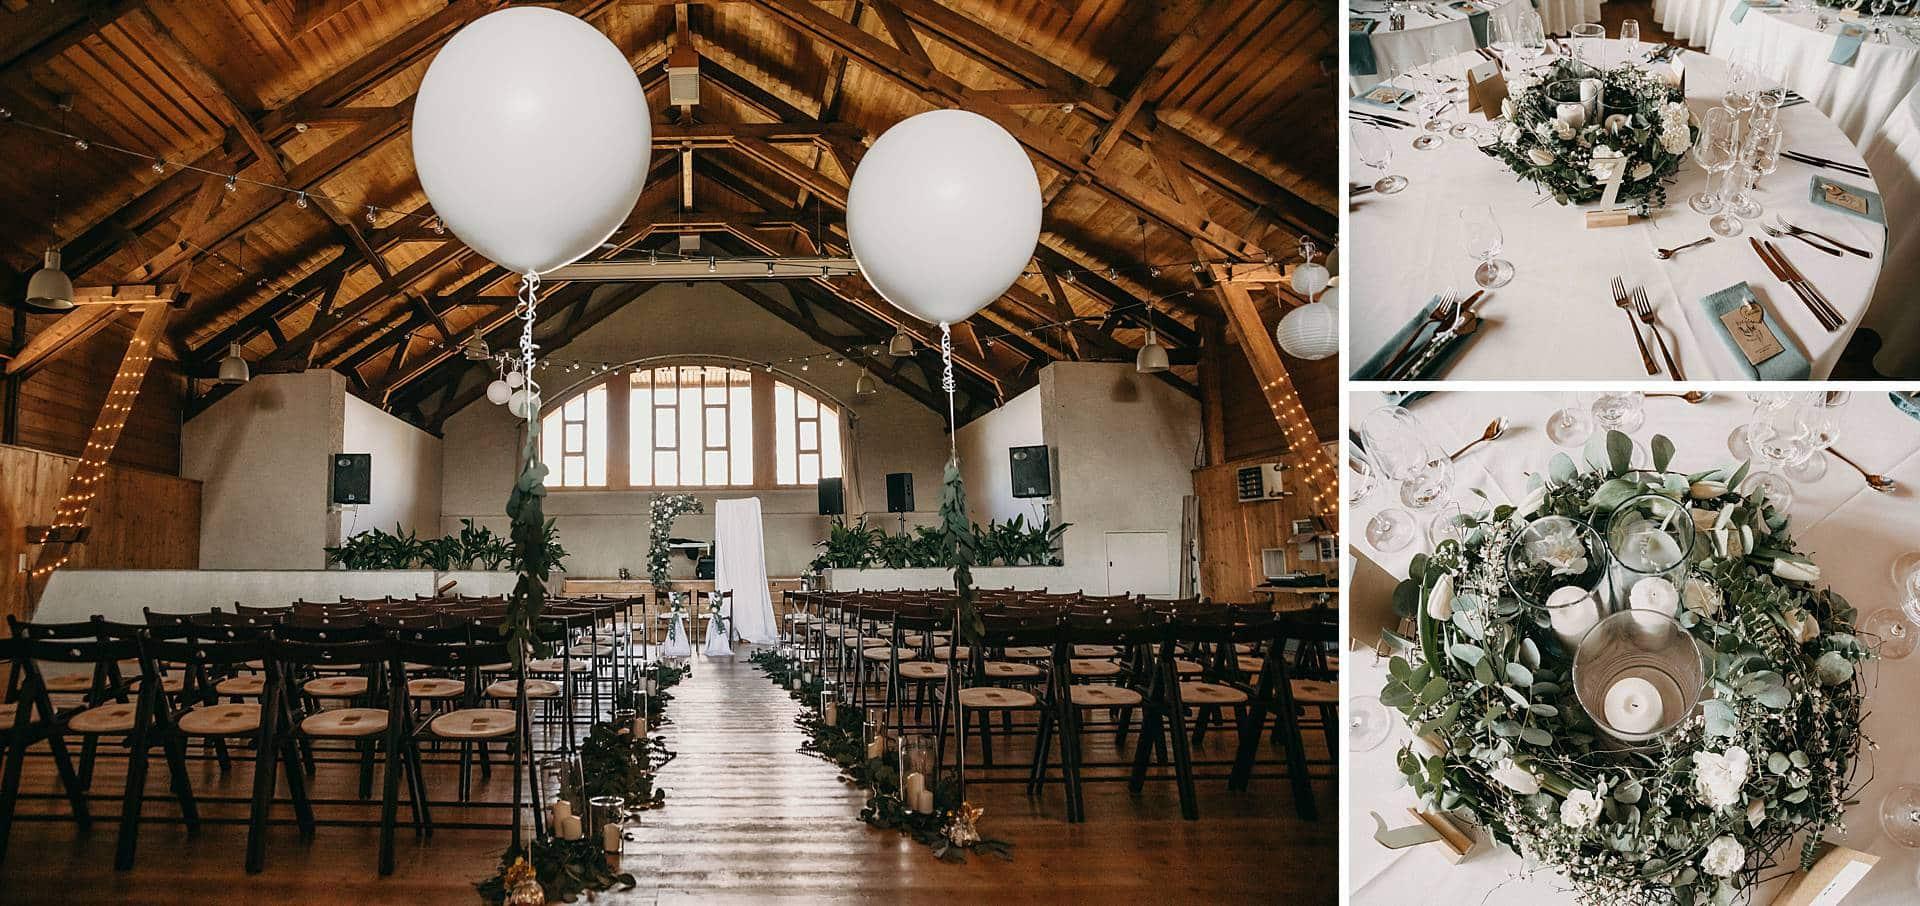 Hochzeitlich dekorierter Raum für die Hochzeitsgäste und das Brautpaar.